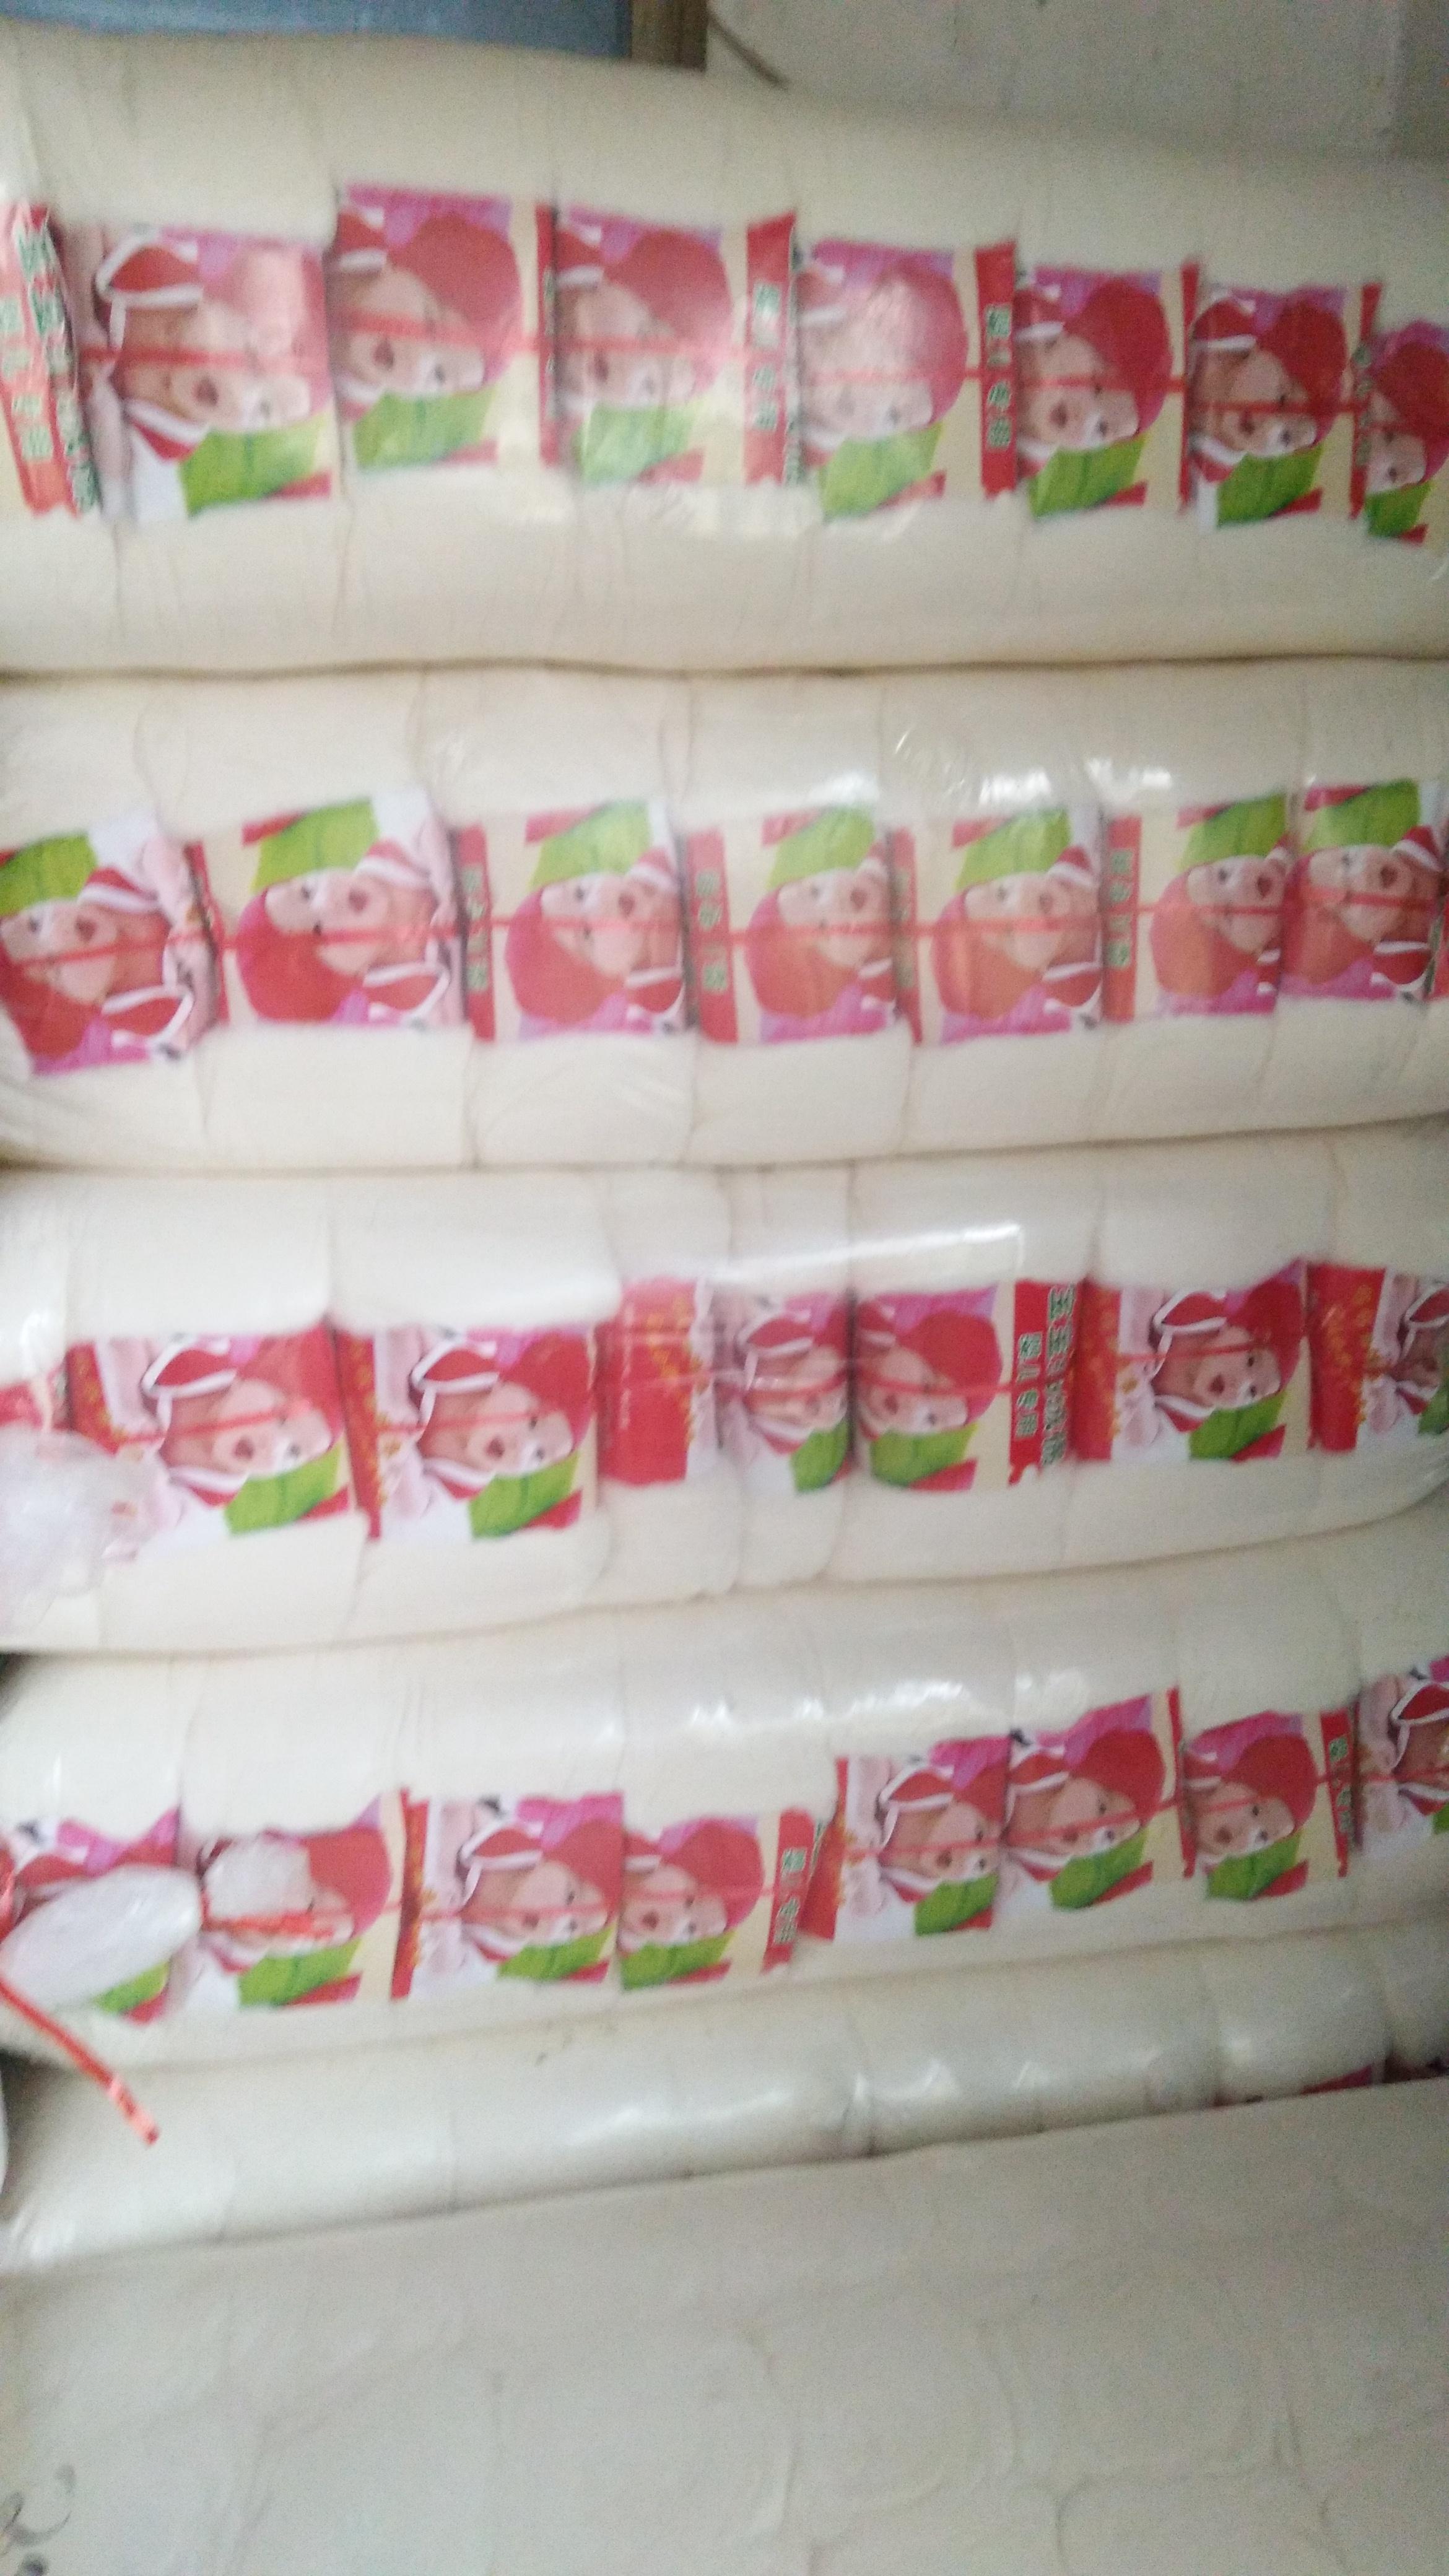 山东新疆手摘棉厂家批发图片/山东新疆手摘棉厂家批发样板图 (3)